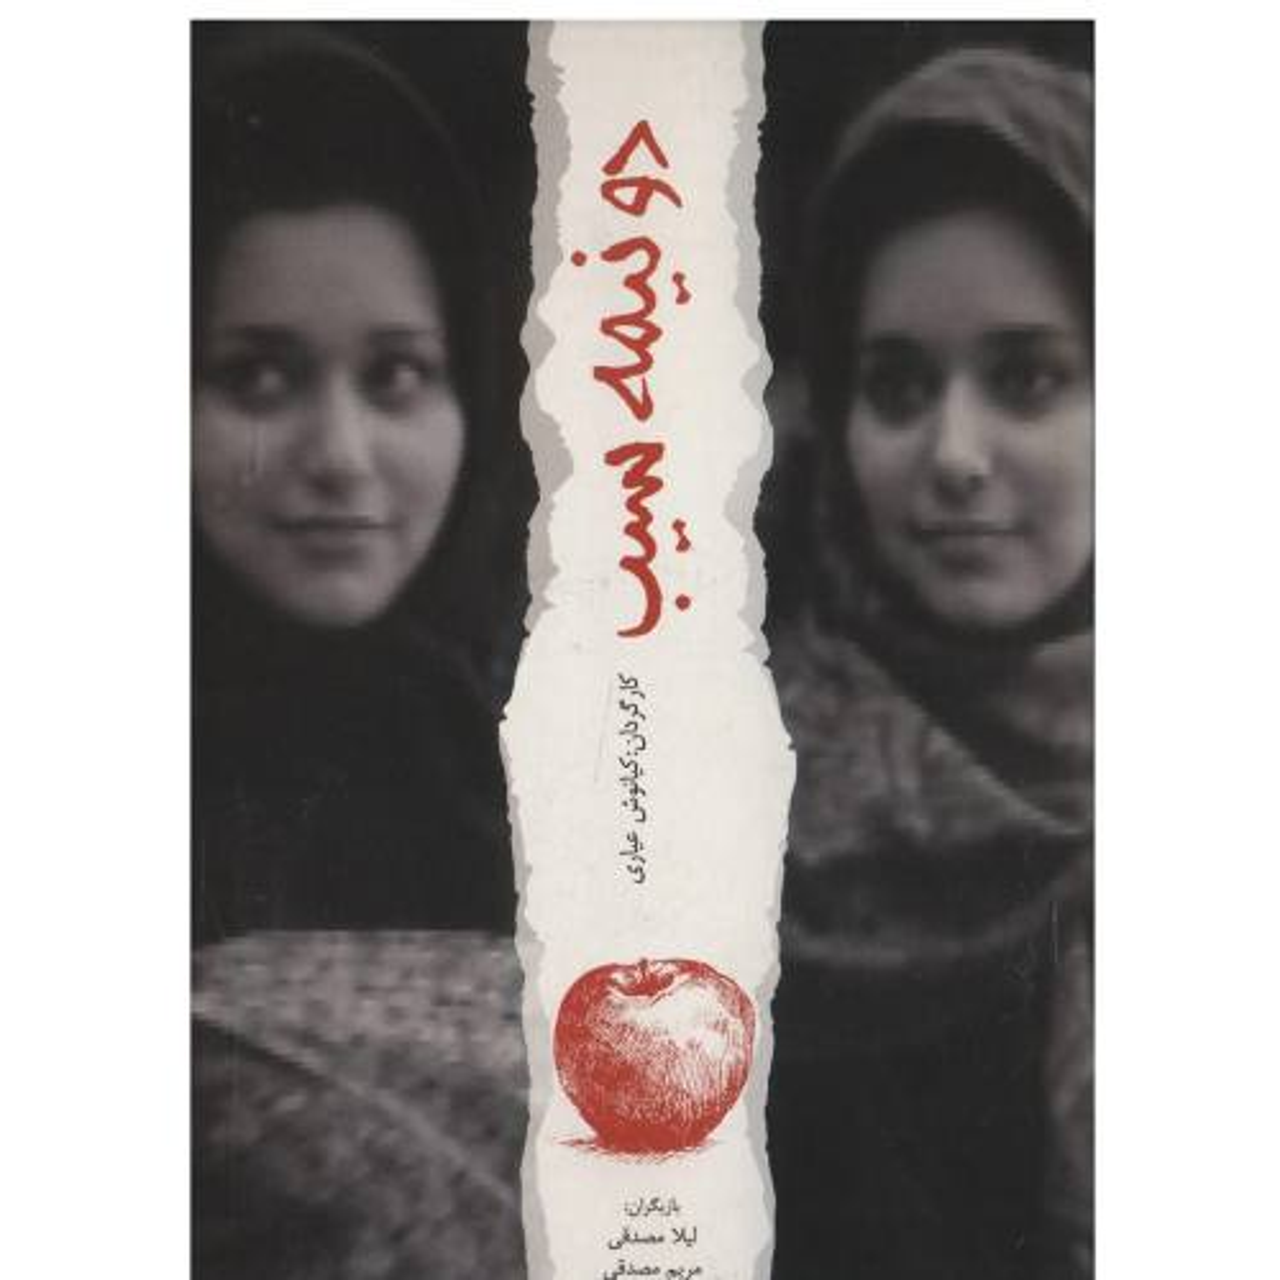 فیلم سینمایی دو نیمه سیب اثر کیانوش عیاری